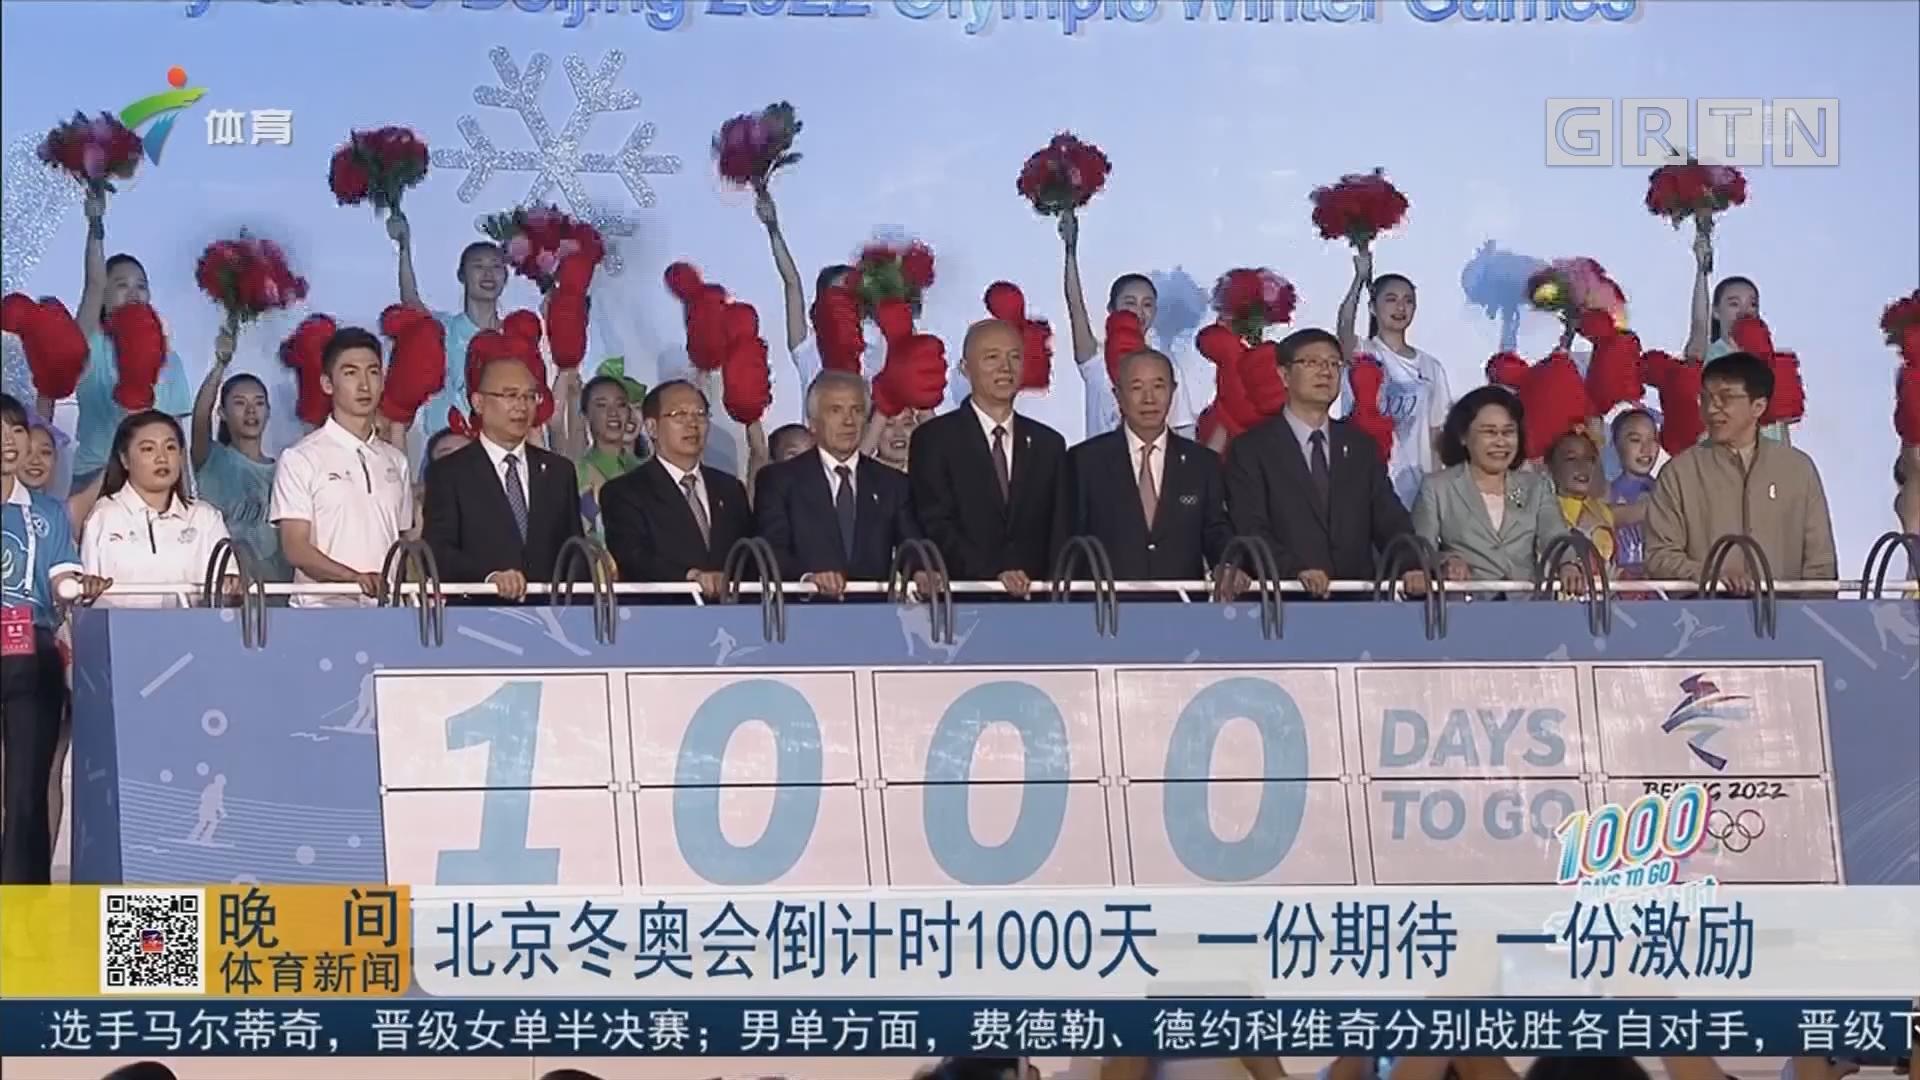 北京冬奥会倒计时1000天 一份期待 一份激励